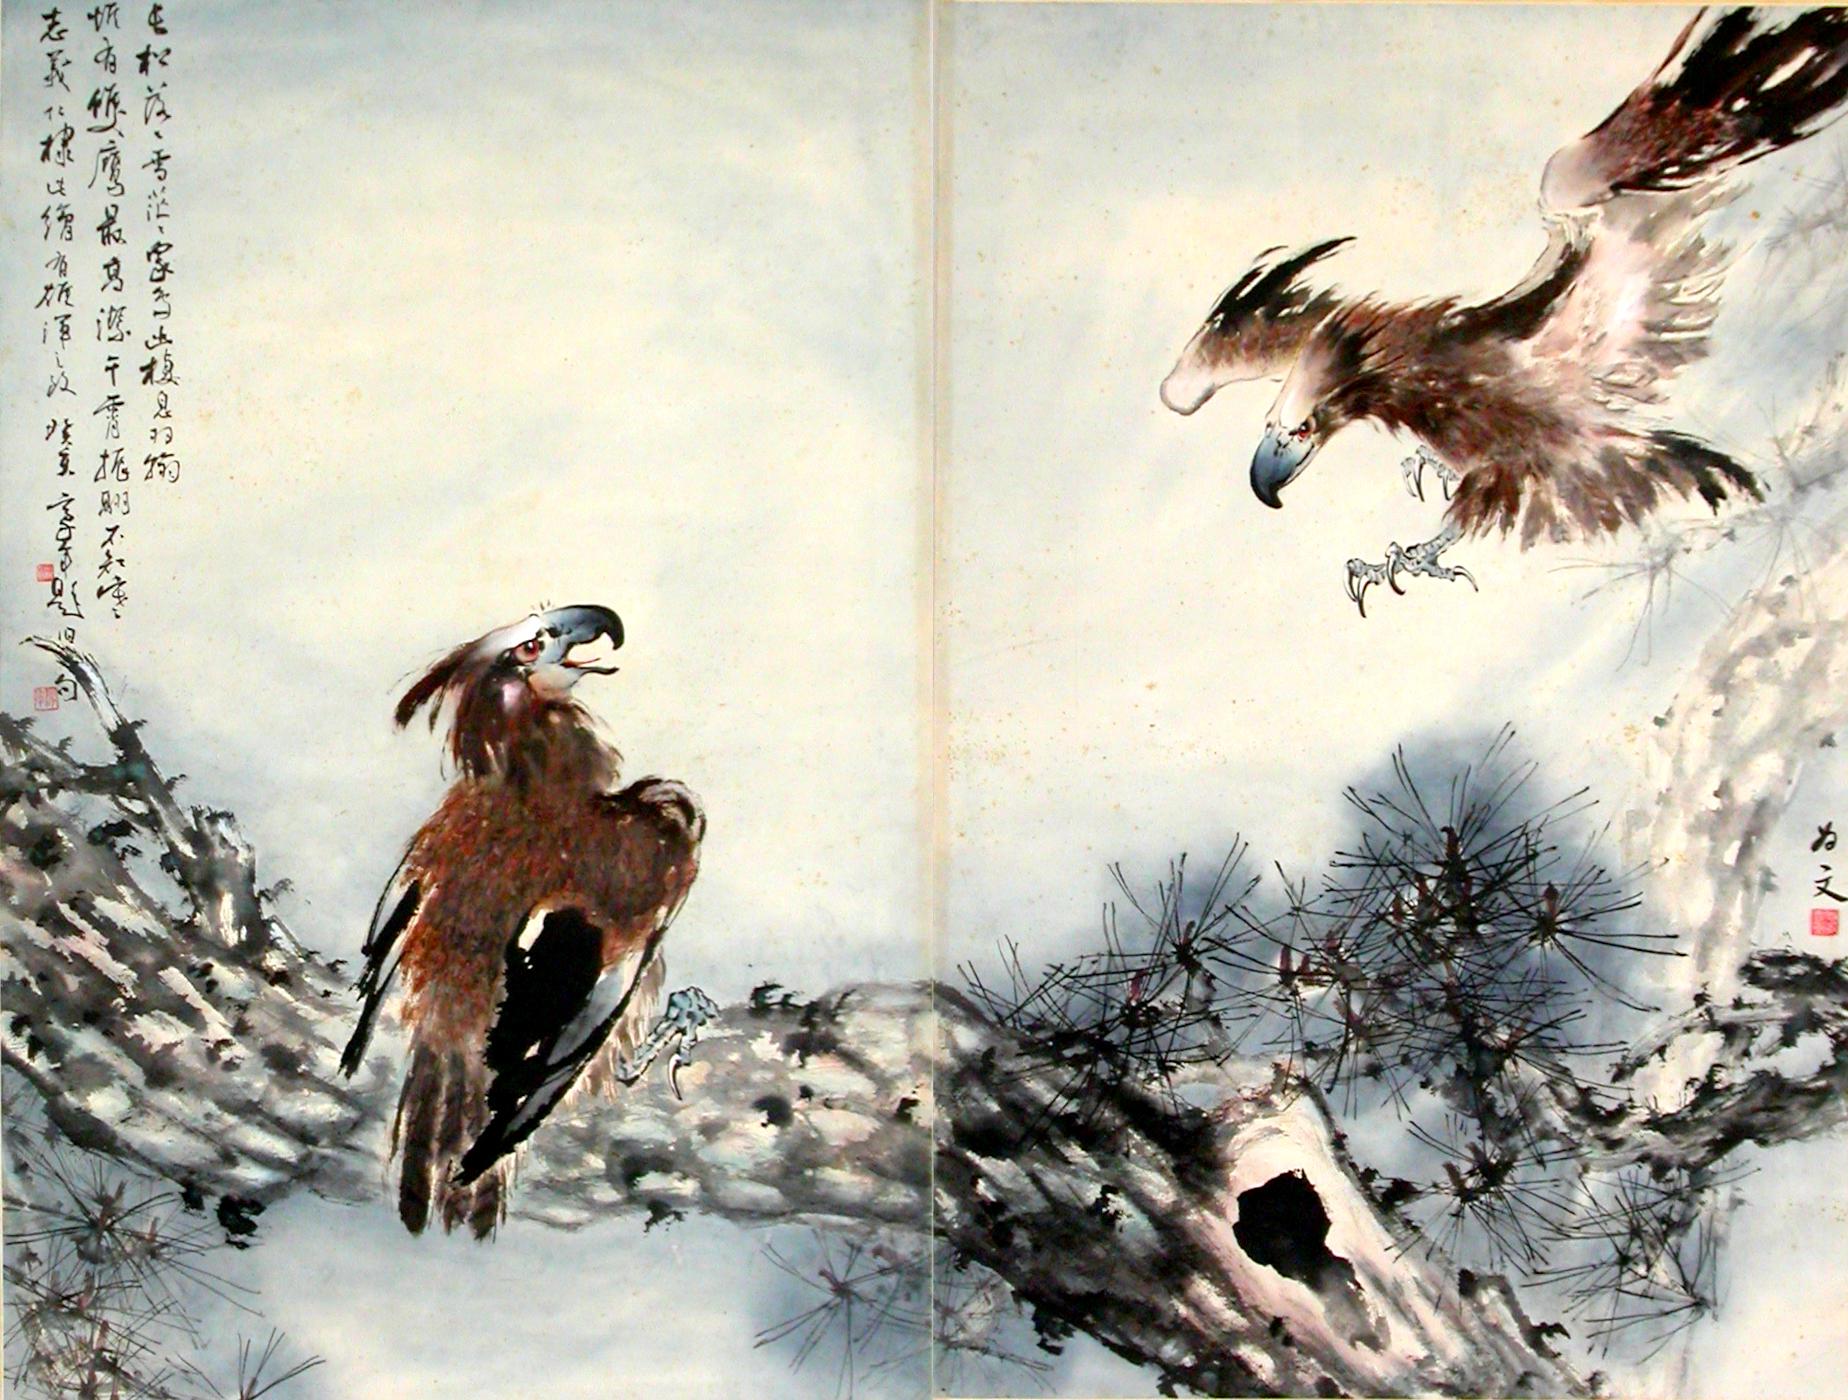 《雙鷹》 許志義1983年作於夏威夷